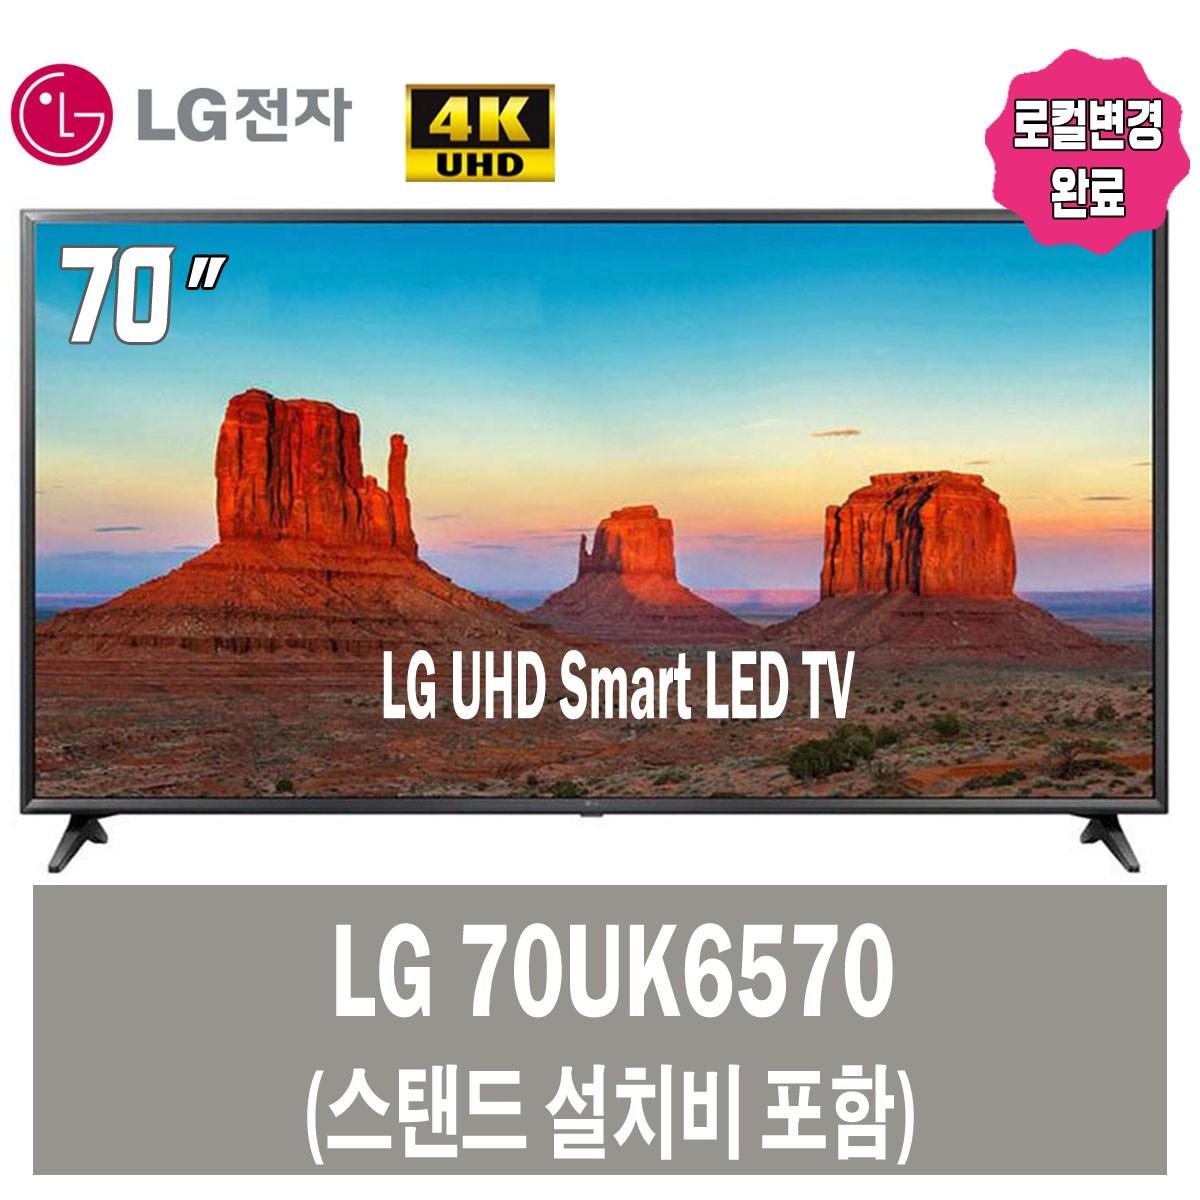 LG전자 리퍼티비 70인치 리퍼TV 70UK6570, 3~5일 후 배송일정 안내, 스탠드 설치비포함